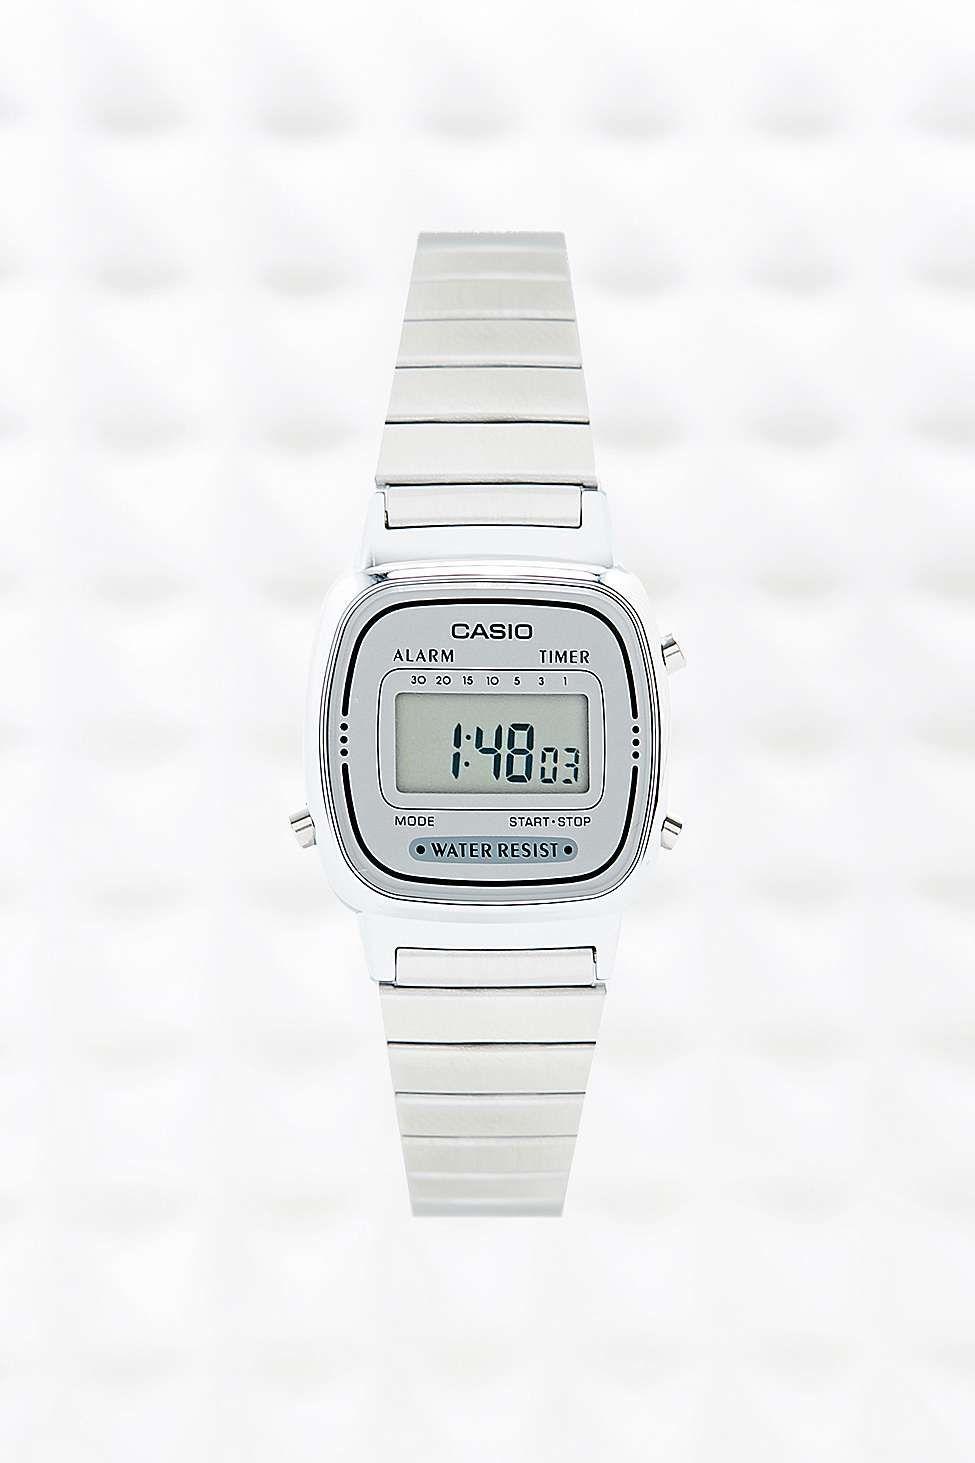 Casio - Petite montre numérique argentée - Urban Outfitters